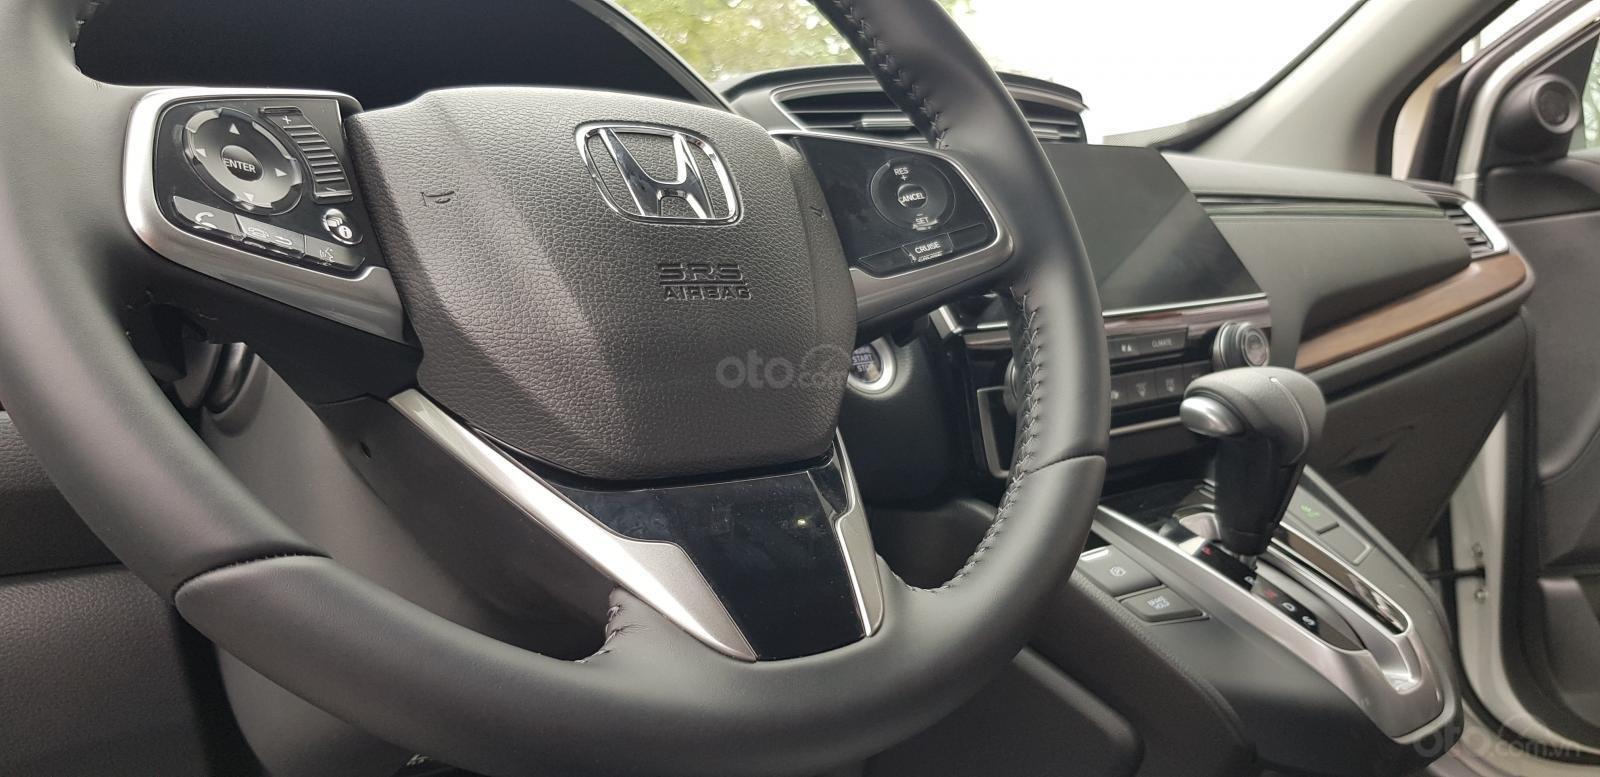 [Honda ô tô Hải Phòng] bán xe Honda CR-V 1.5G - Giá tốt nhất - Hotline: 094.964.1093 (5)